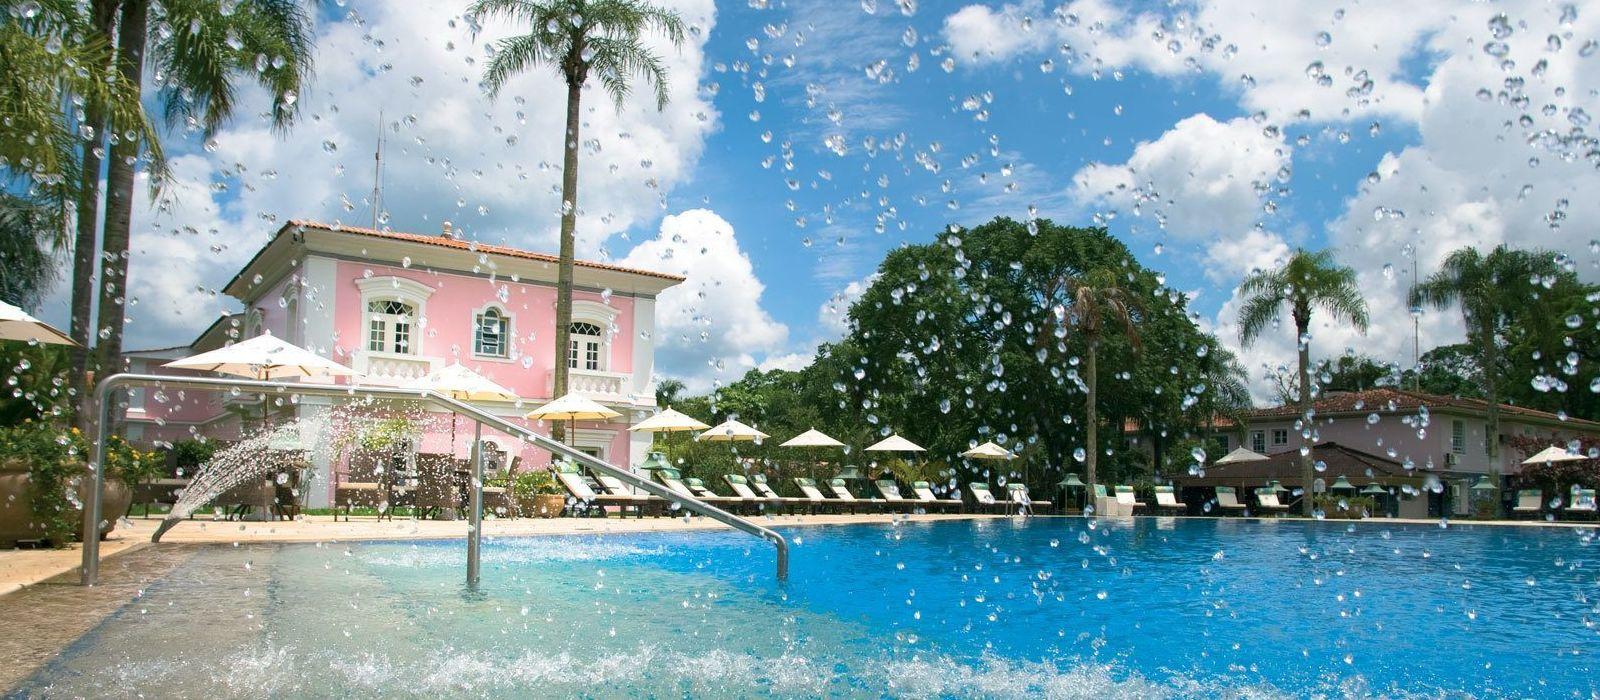 Hotel Belmond das Cataratas Brasilien